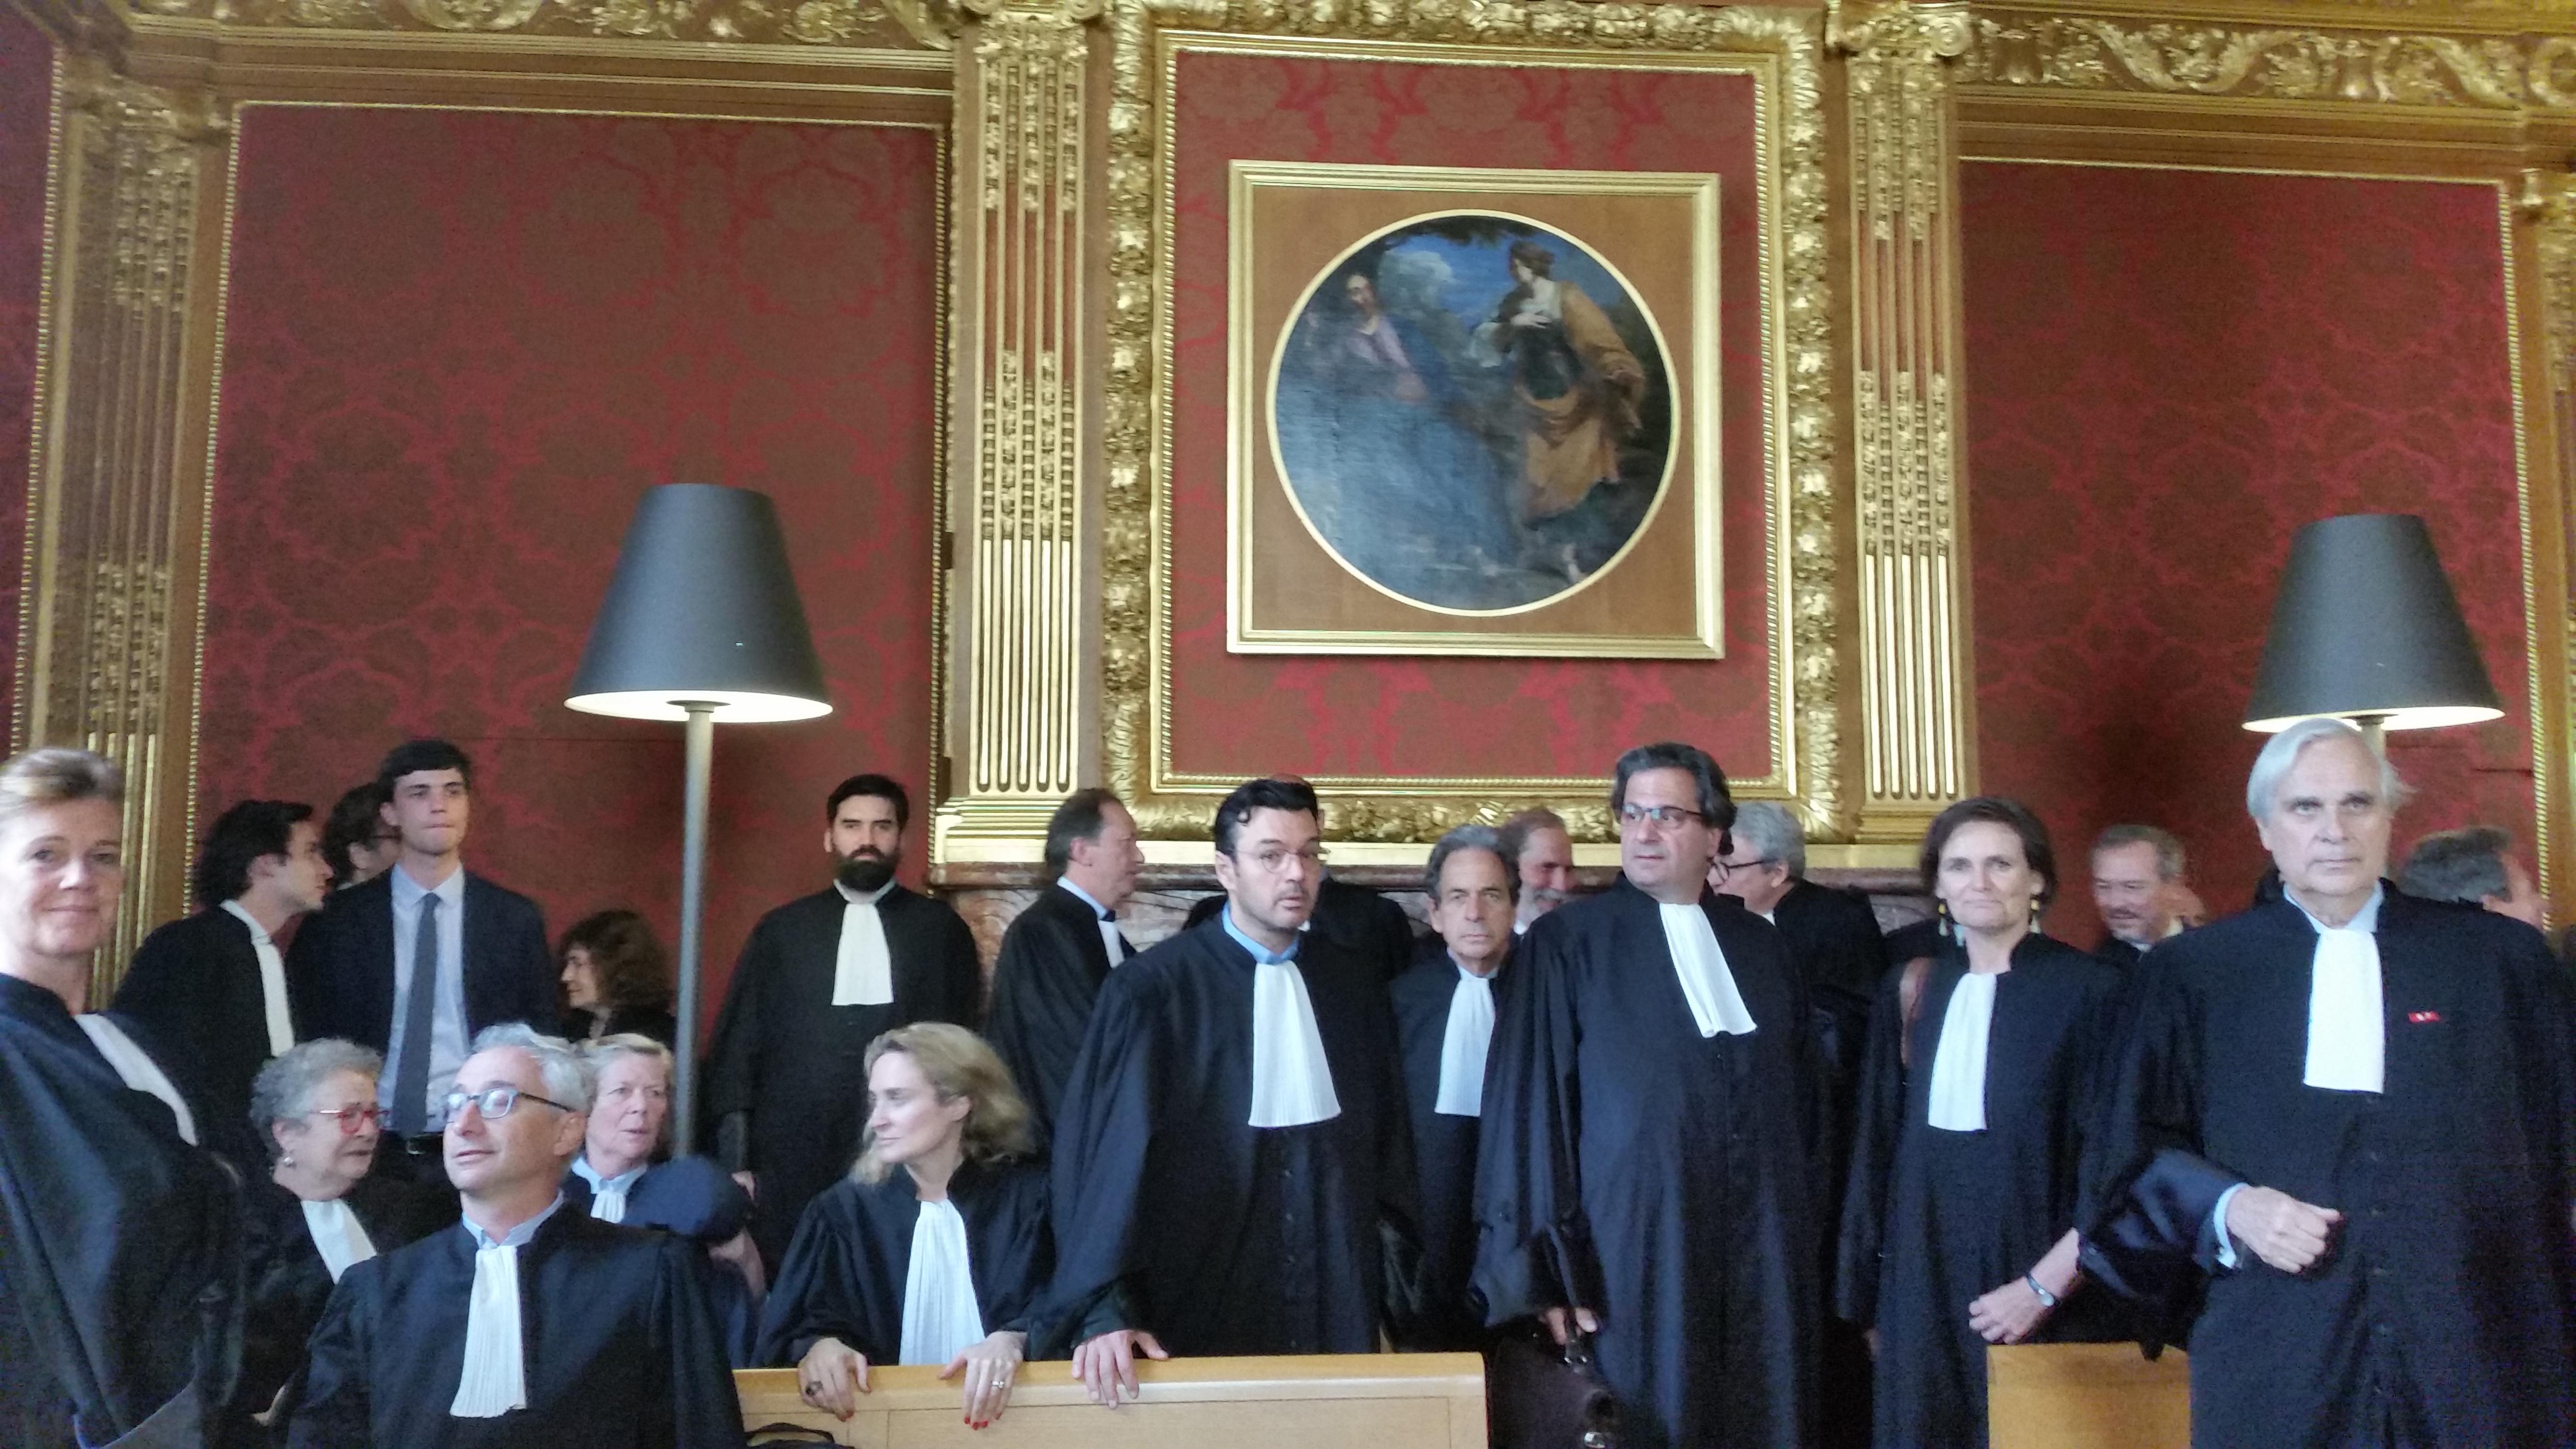 Tribunal correctionnel de Paris 3 juin 2016  : provocation à la haine (N° parquet 15021000202)